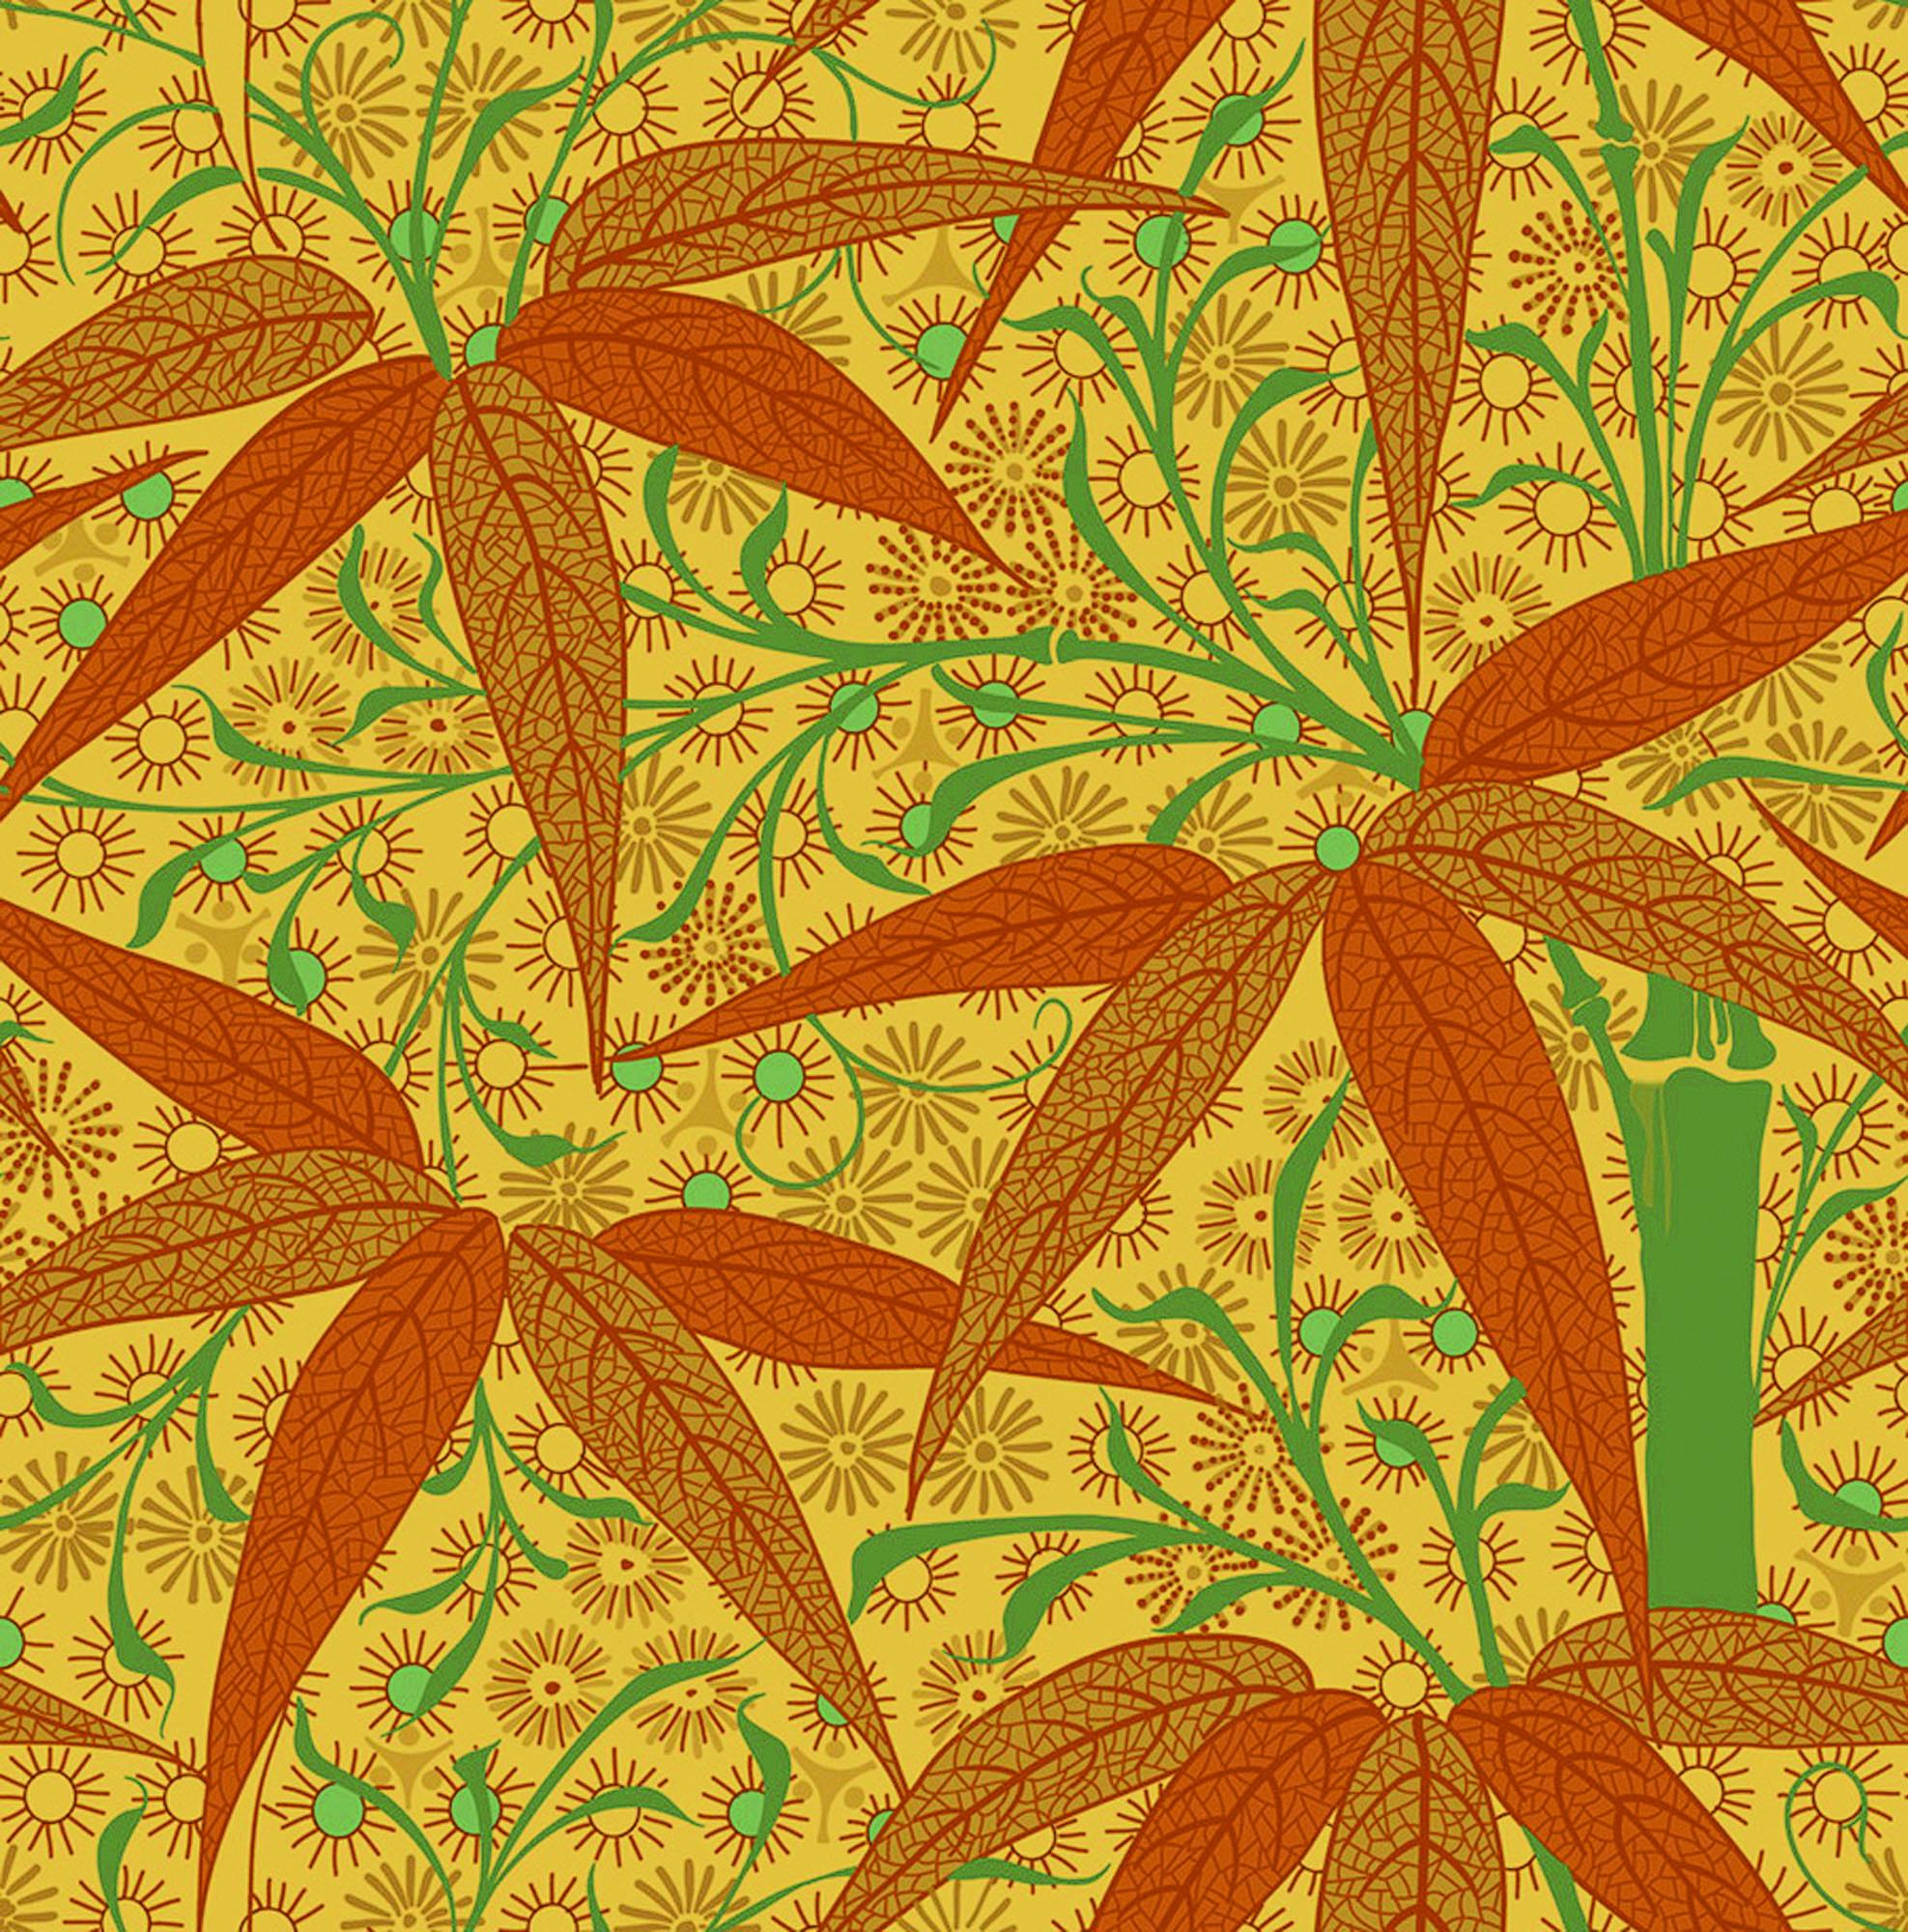 William Morris Wallpaper & Textiles - Restoration & Design ...